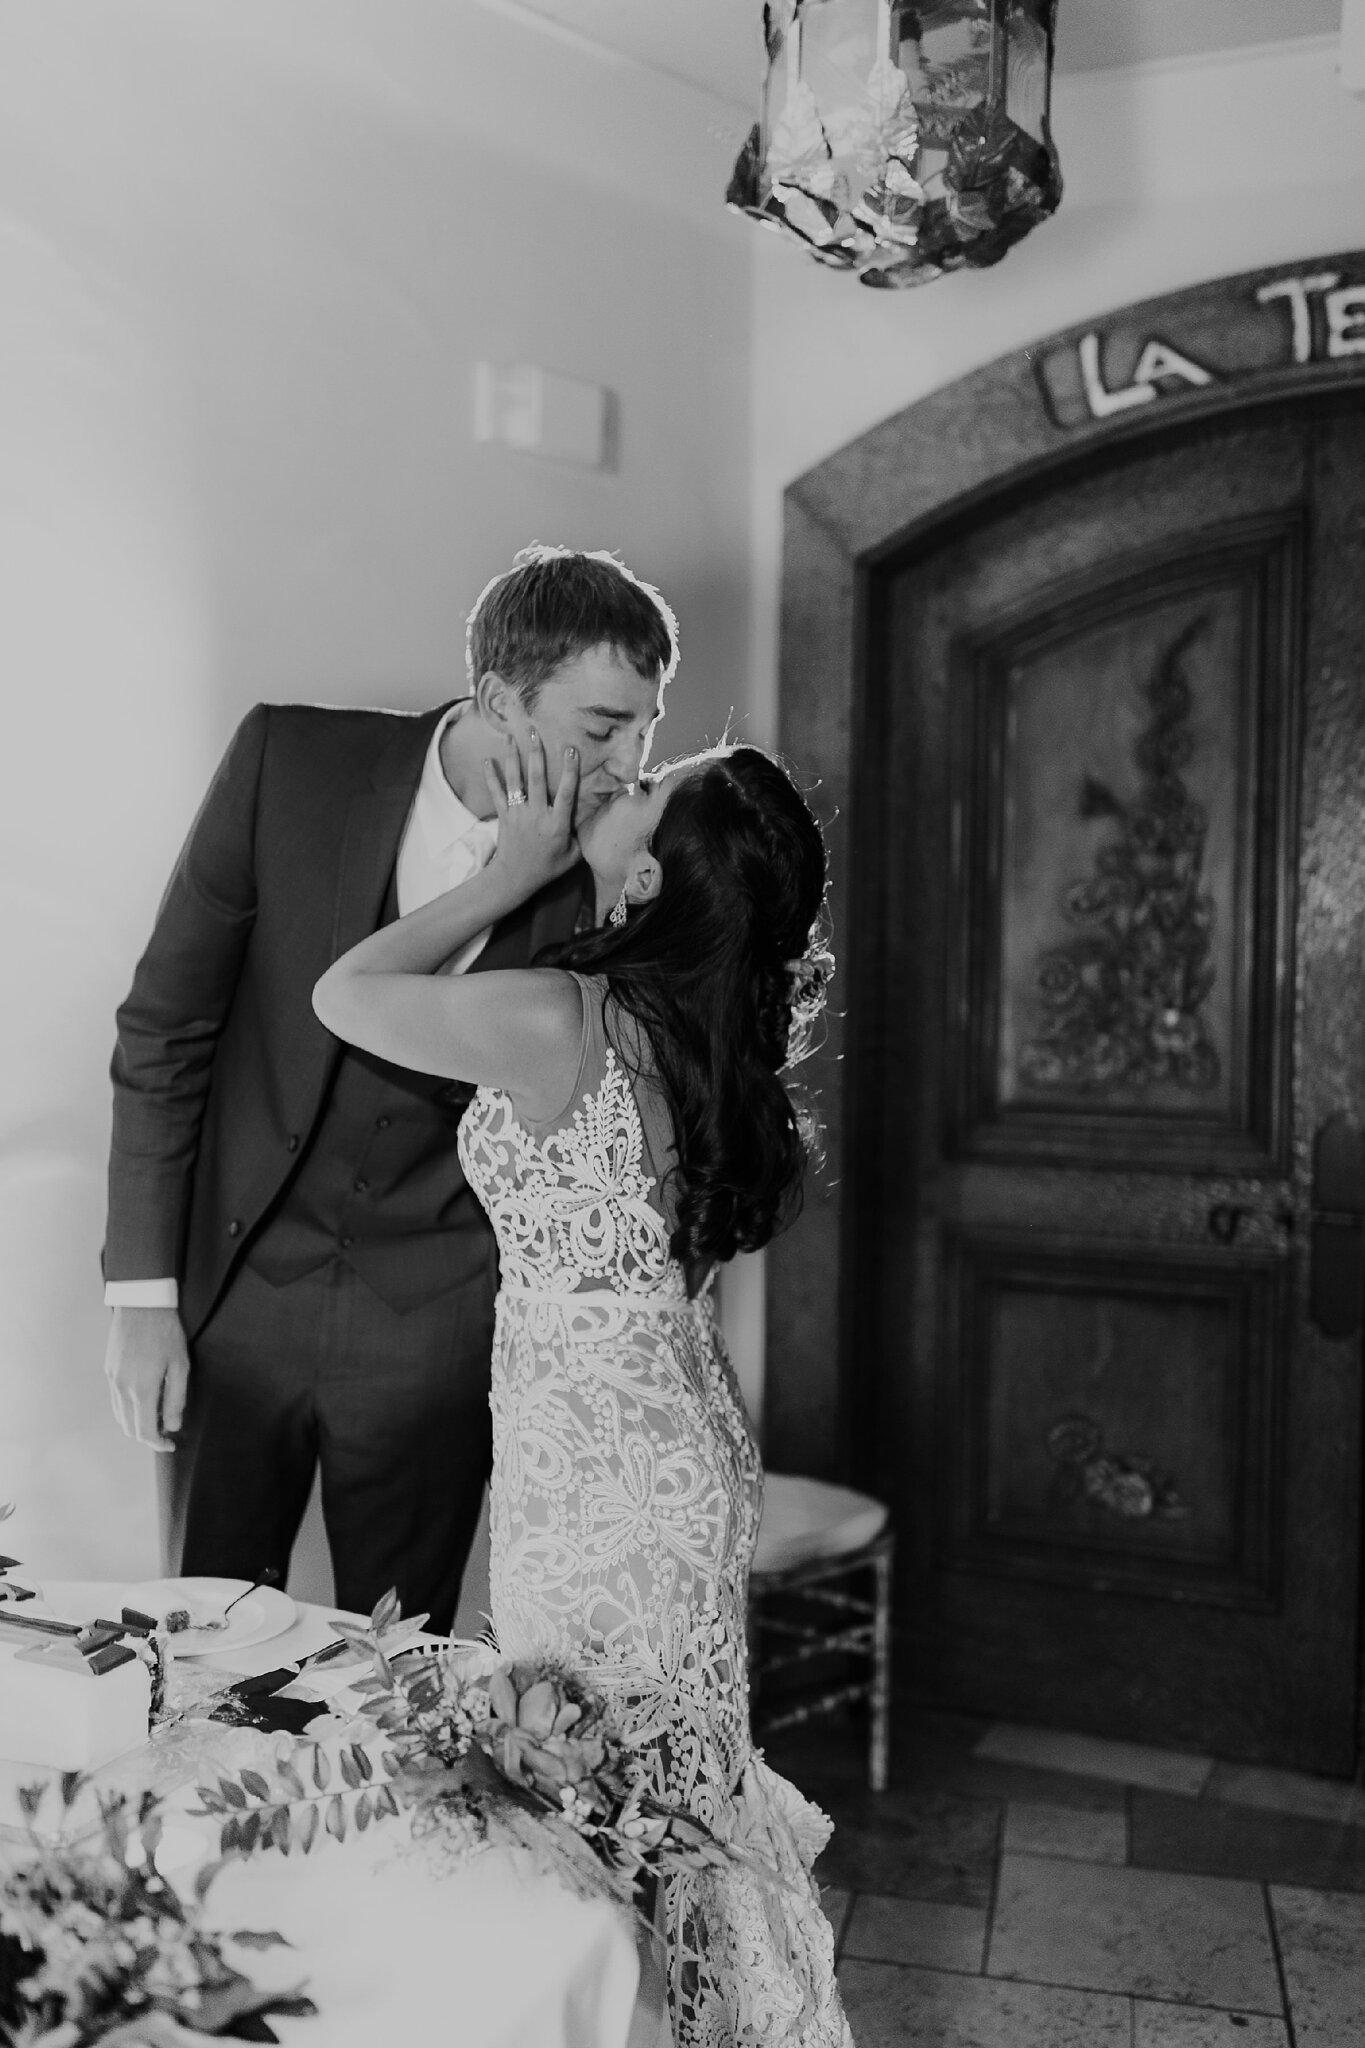 Alicia+lucia+photography+-+albuquerque+wedding+photographer+-+santa+fe+wedding+photography+-+new+mexico+wedding+photographer+-+new+mexico+wedding+-+wedding+-+wedding+cakes+-+flroal+cake+-+santa+fe+cake+-+santa+fe+baker_0018.jpg